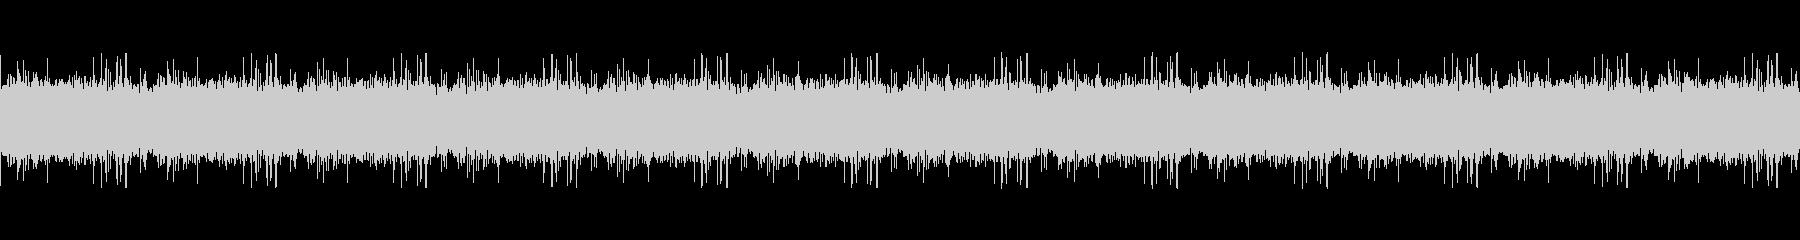 小川の音ループ(ジャララ)の未再生の波形